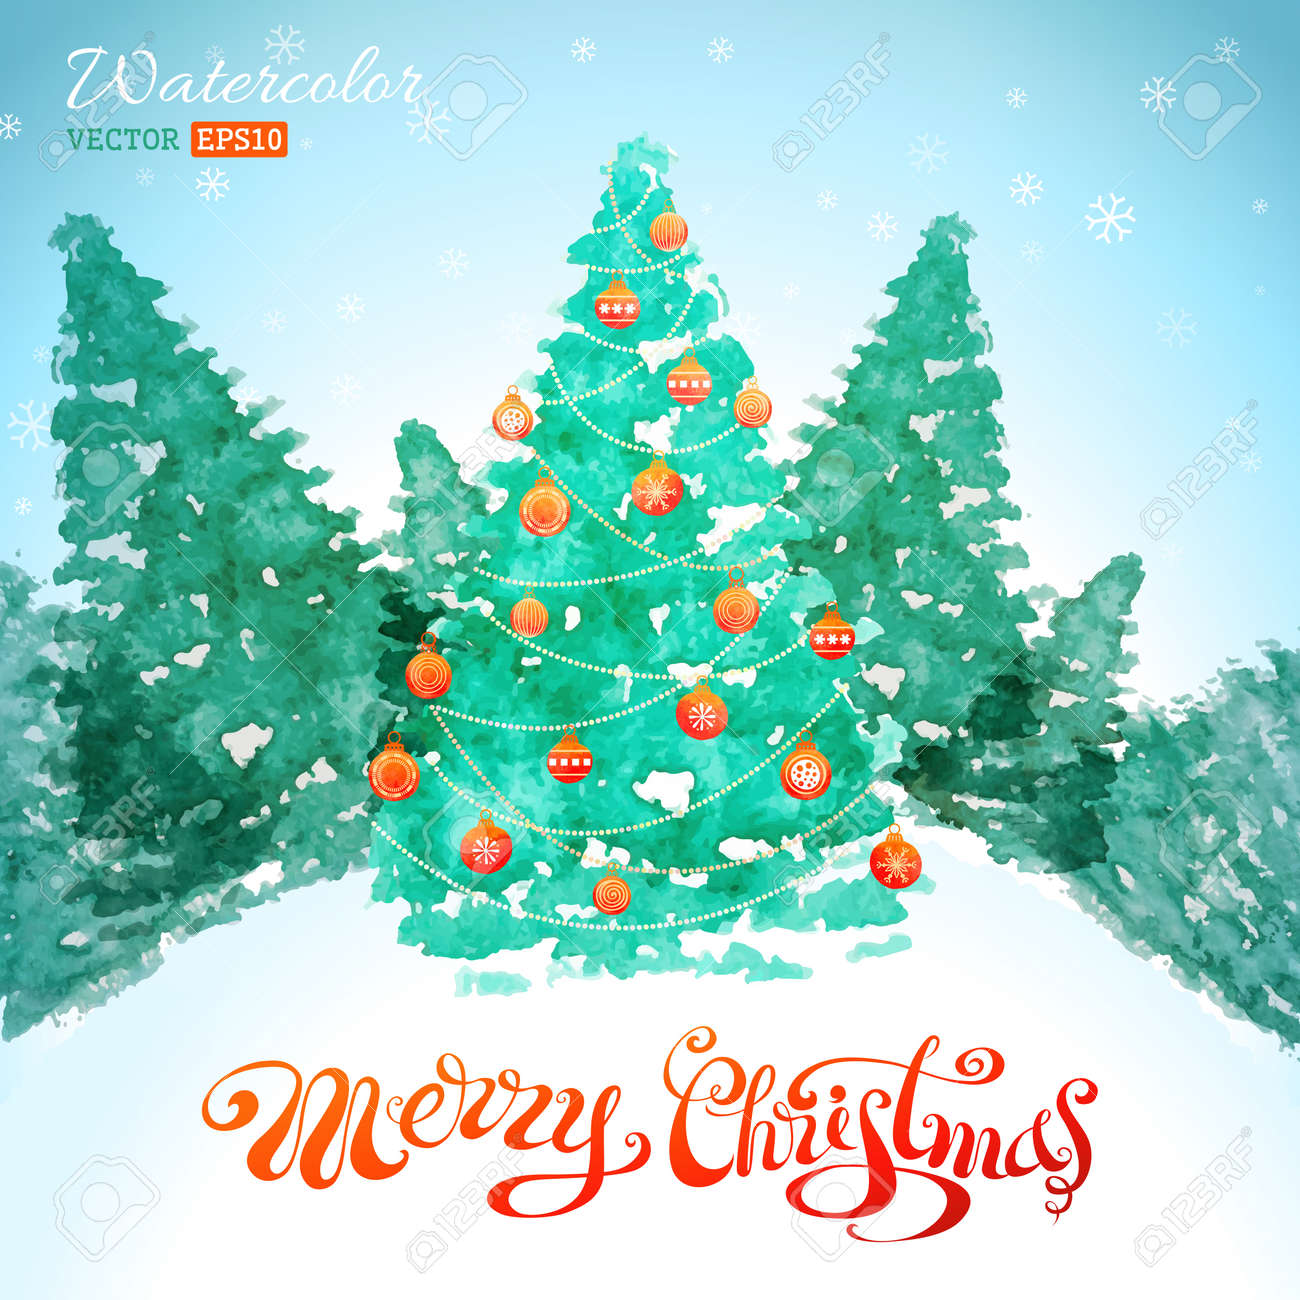 冬の風景のクリスマス ツリー手書きのテキストです